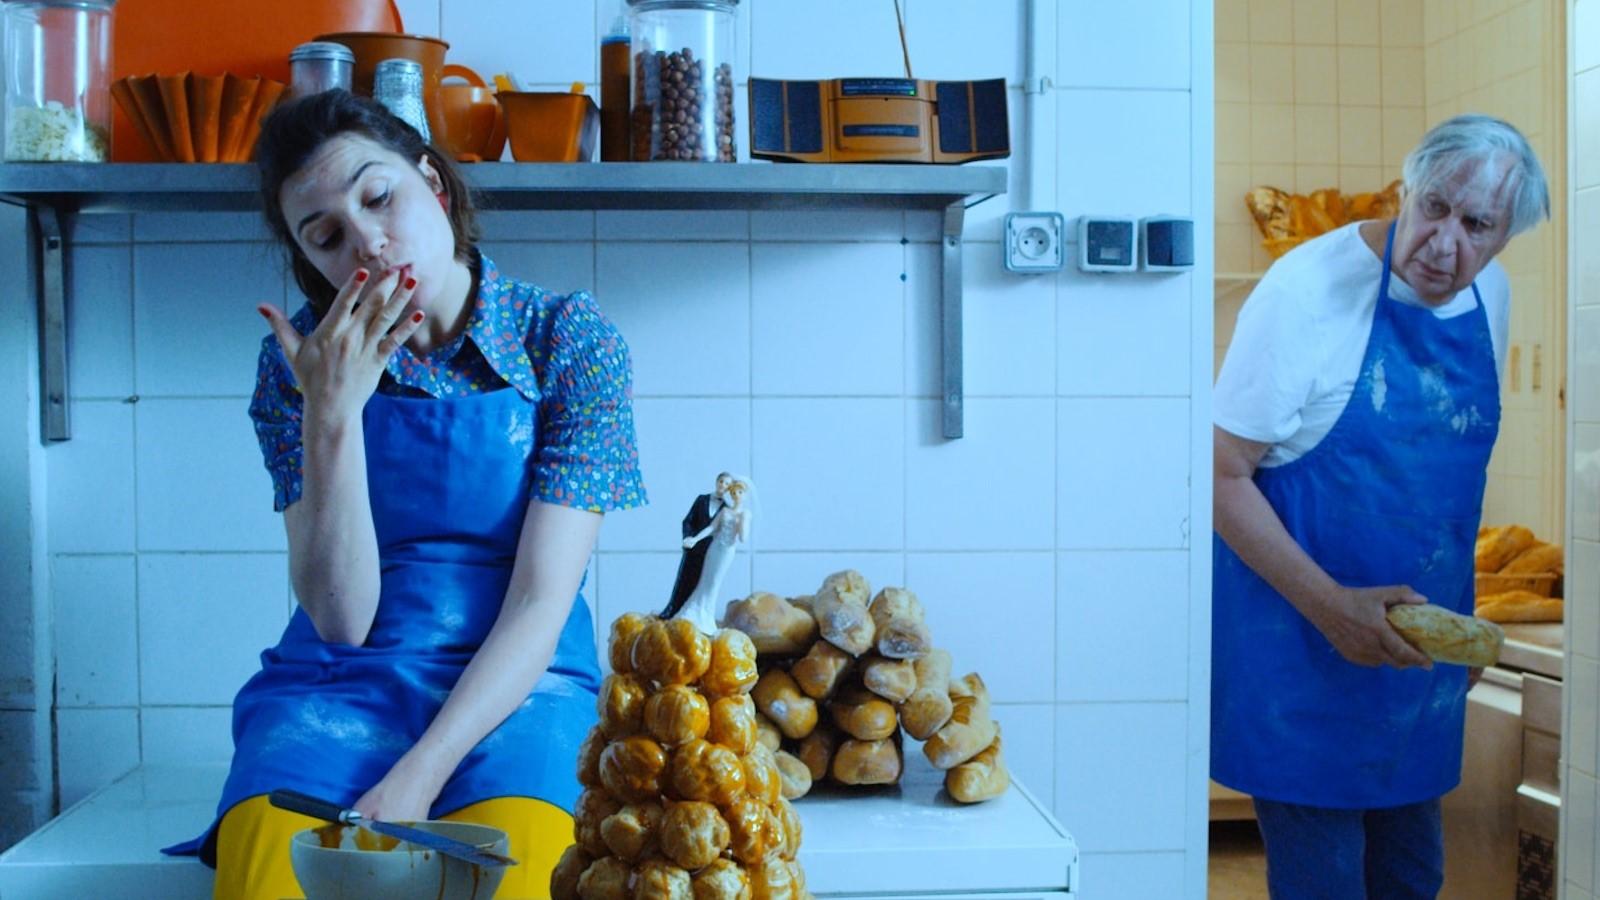 Фестиваль фильмов о любви Love Shorts: когда стартует + программа - фото №4